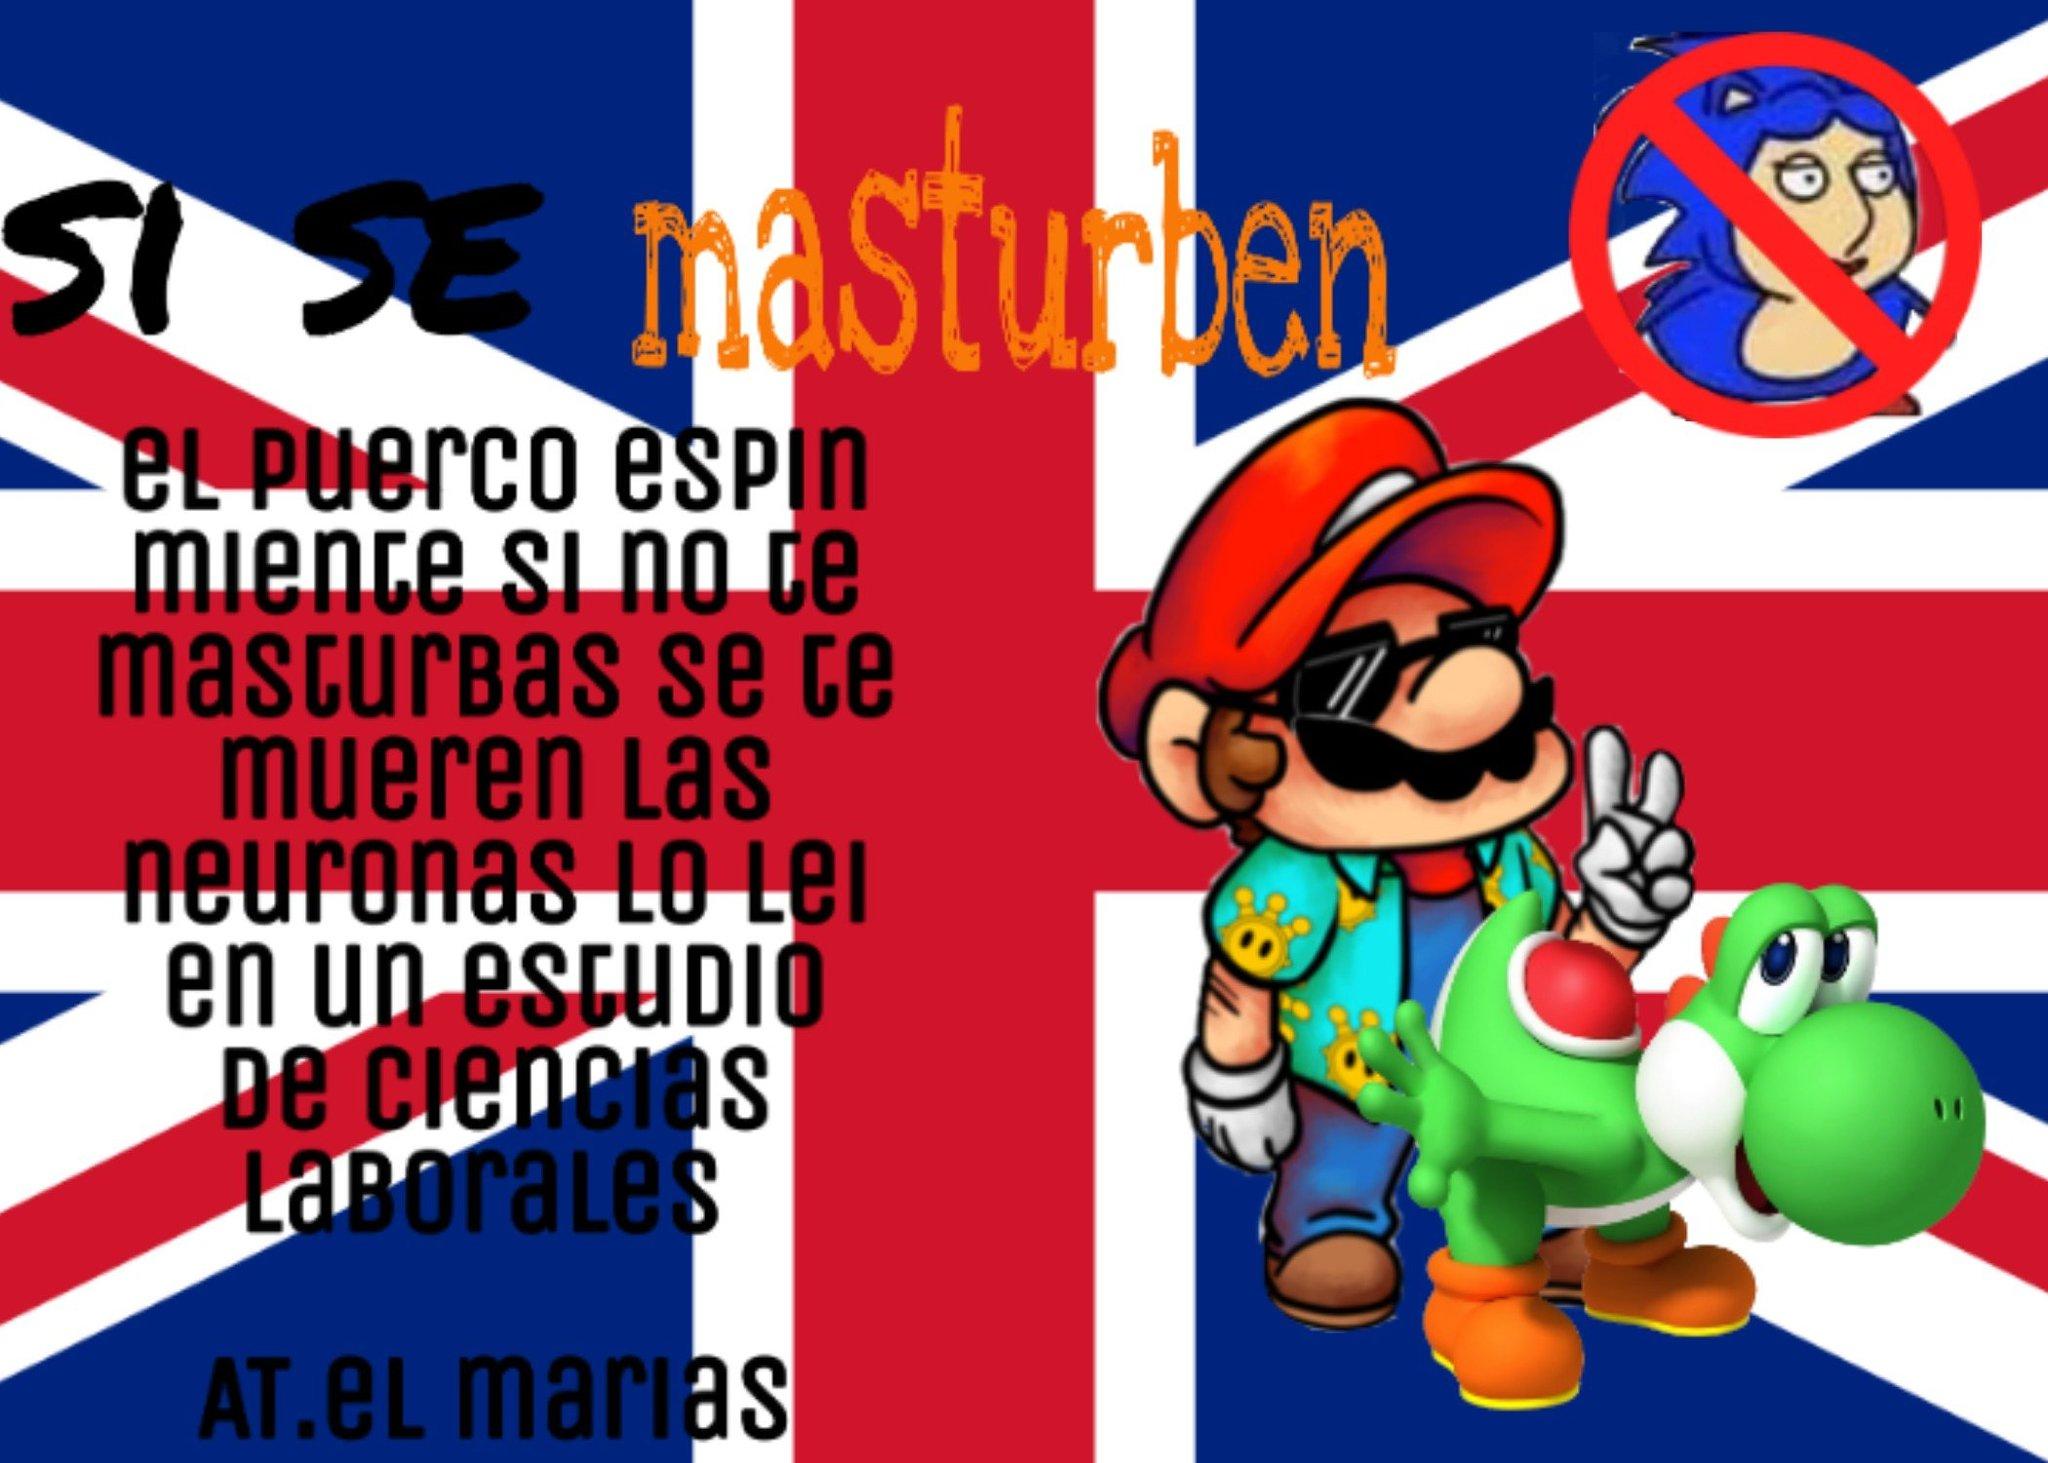 Mario casas - meme